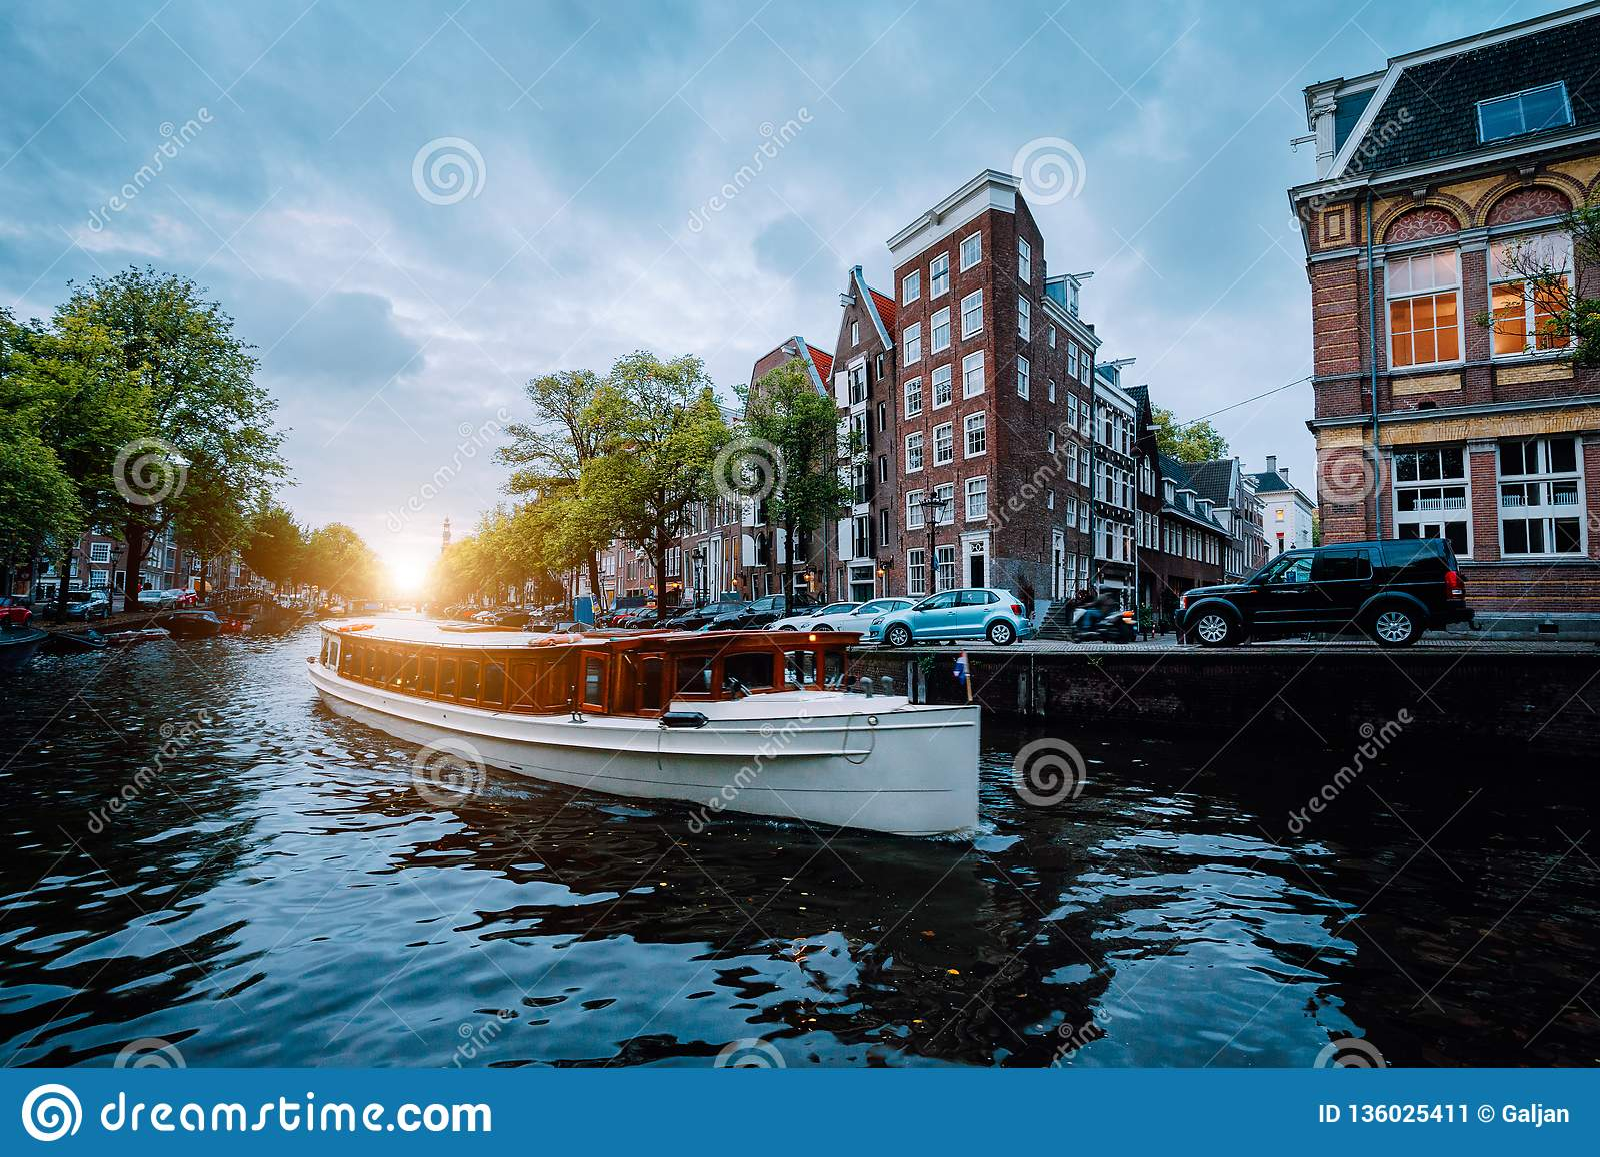 Сцена захода солнца в городе Амстердама Большая туристская шлюпка на известном голландском канале плавая опрокинутые дома Цветаст